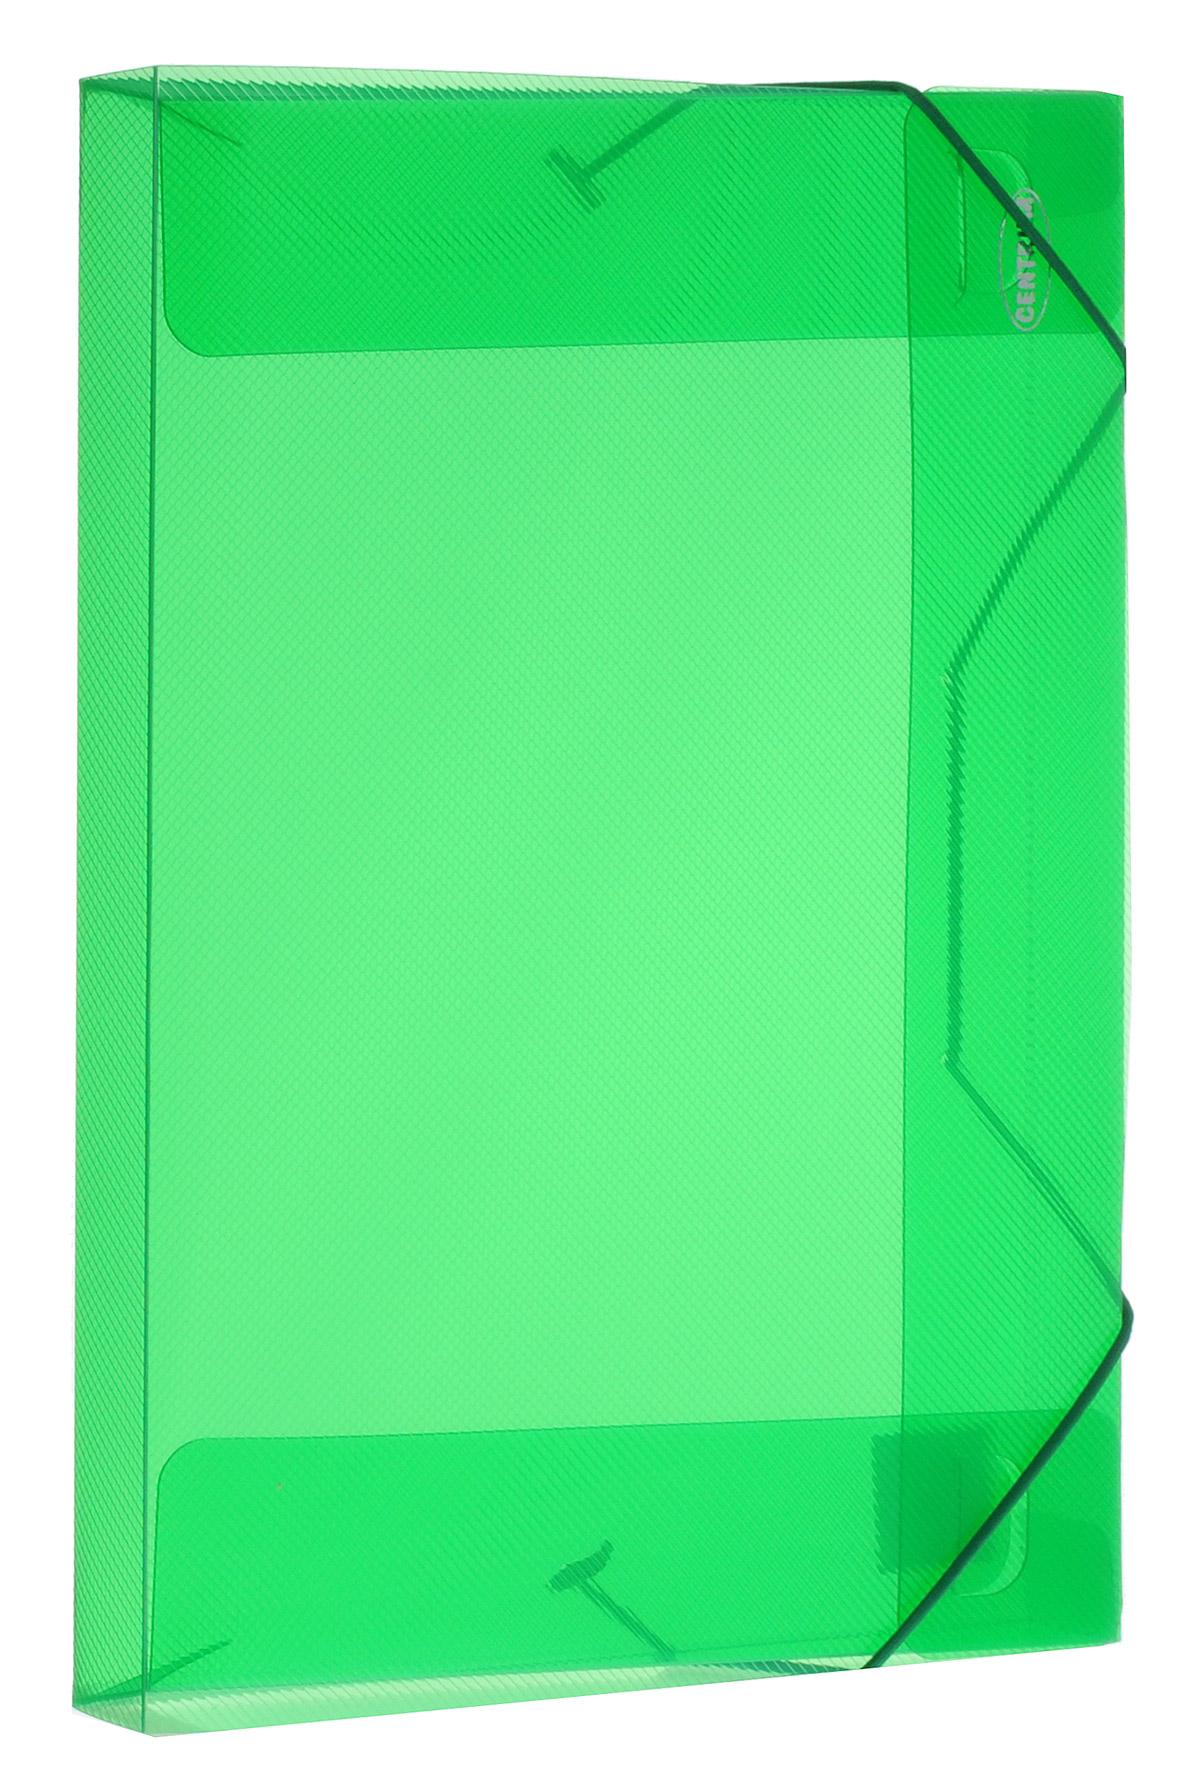 Centrum Папка на резинке цвет зеленый формат А4 80019 сумка зверушка дракончик 80019